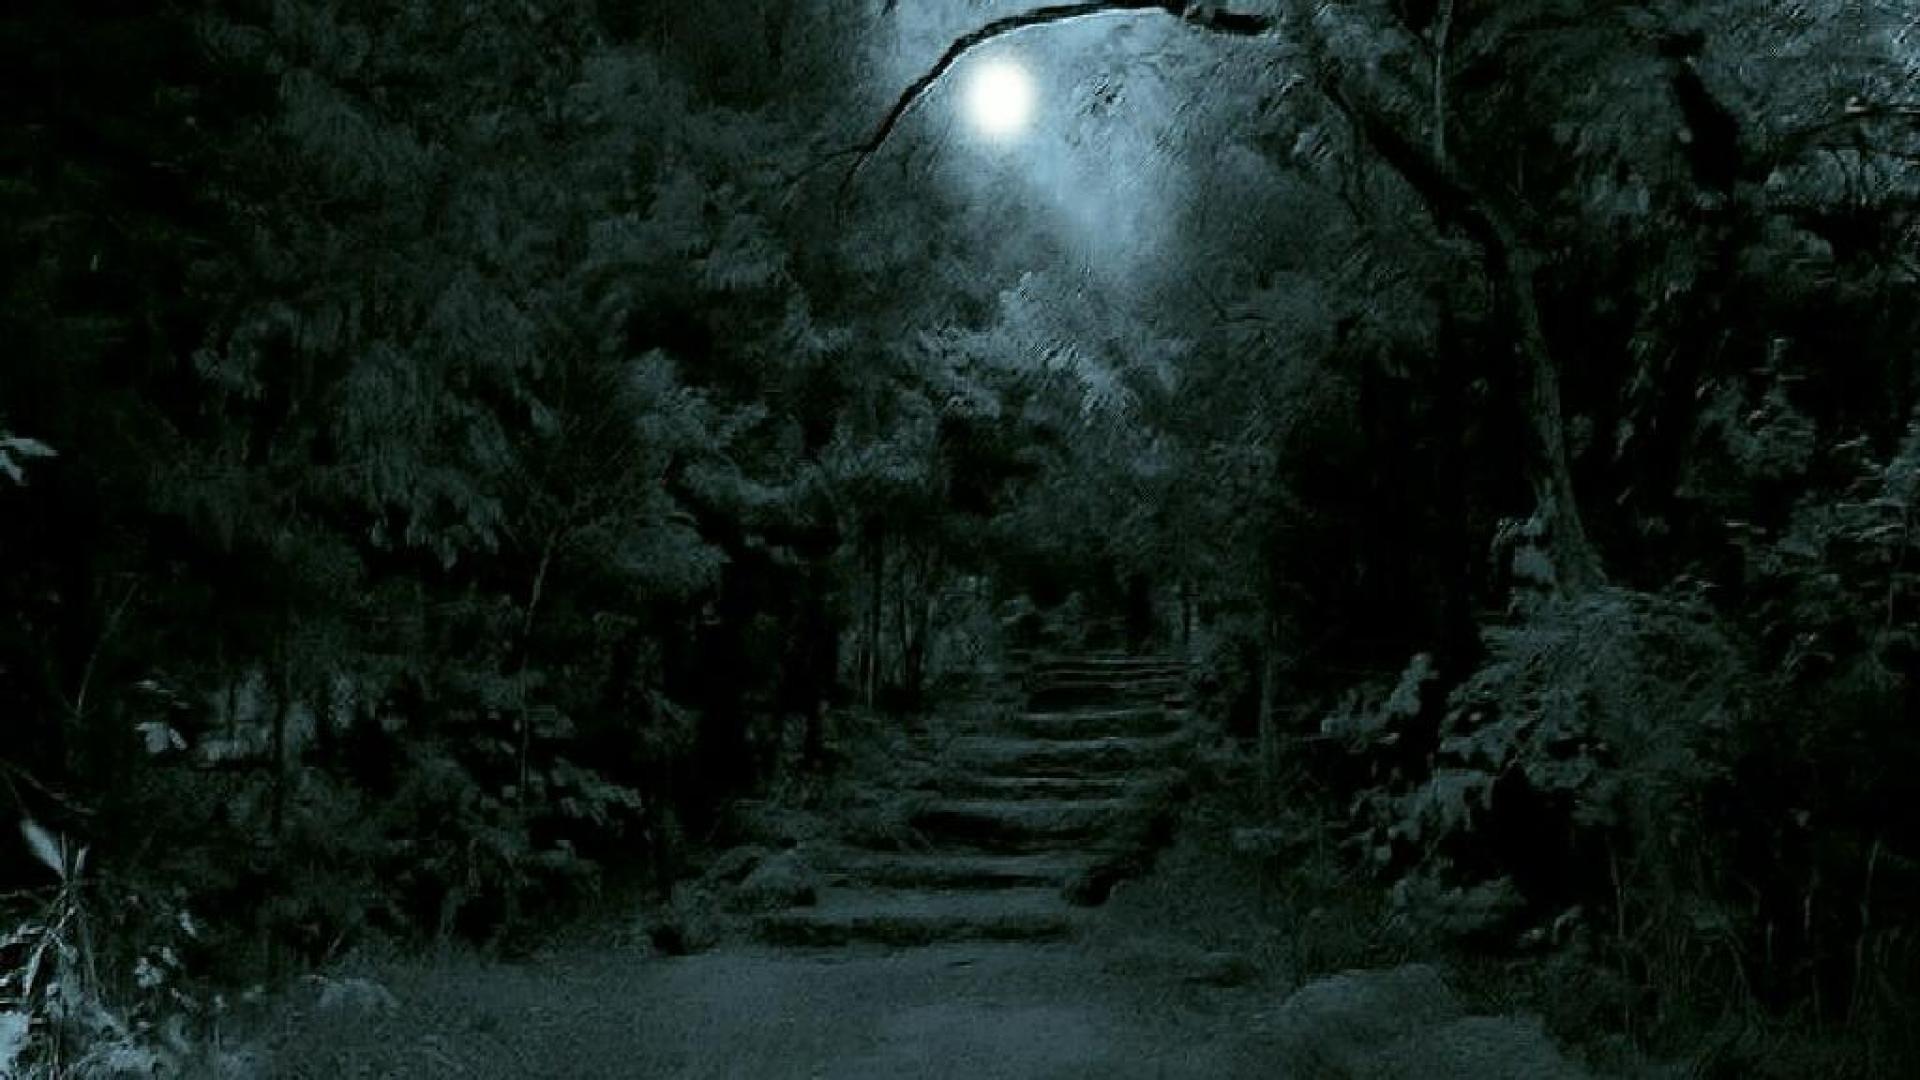 Dark Forest Moon